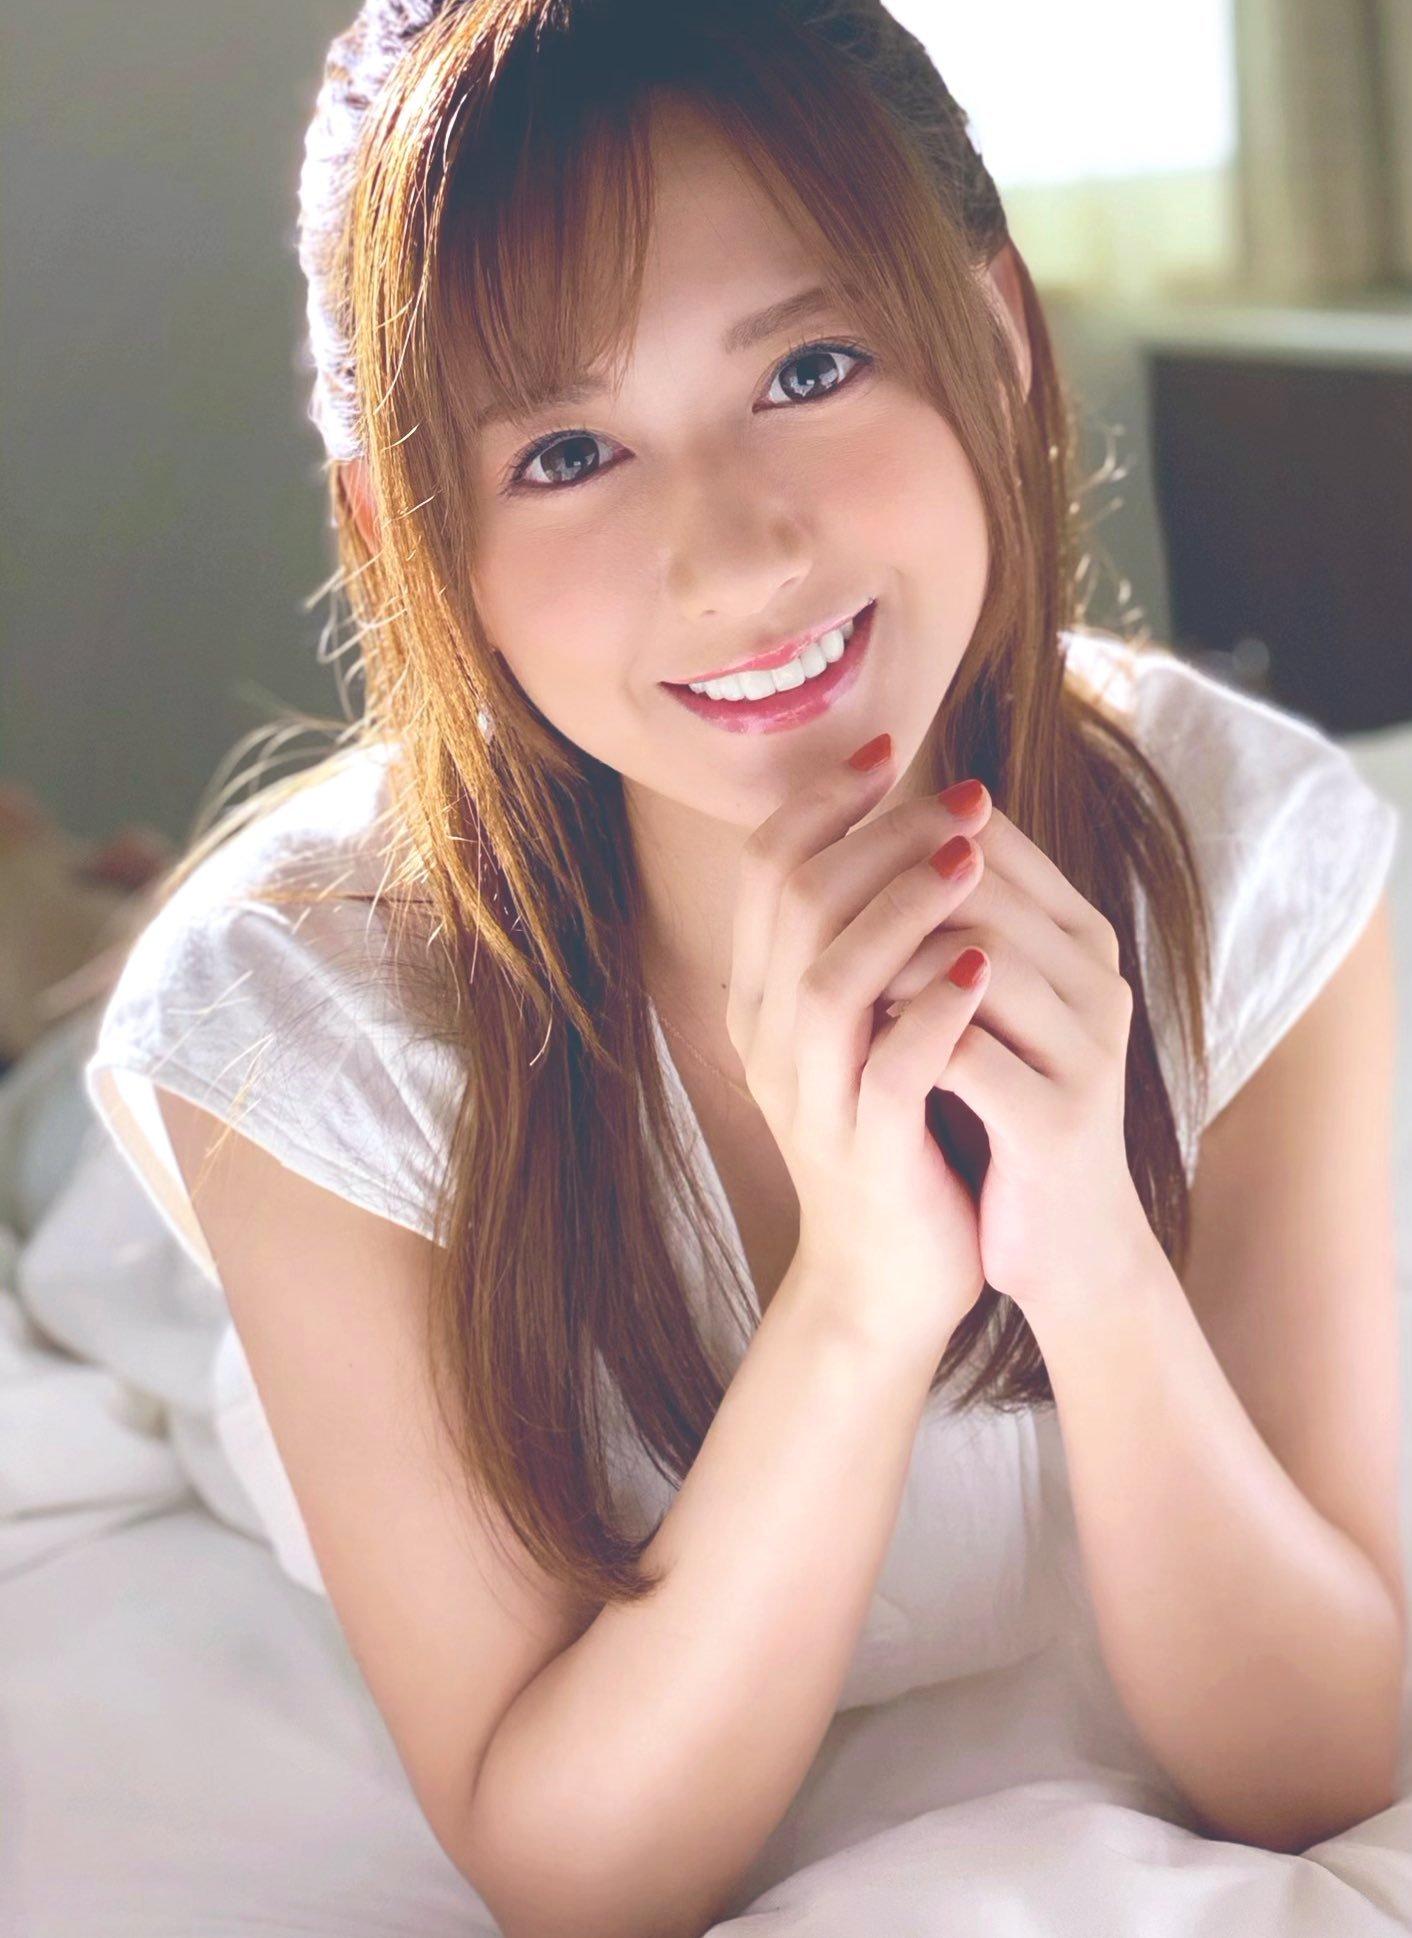 airi_kijima 1345871127562711040_p0